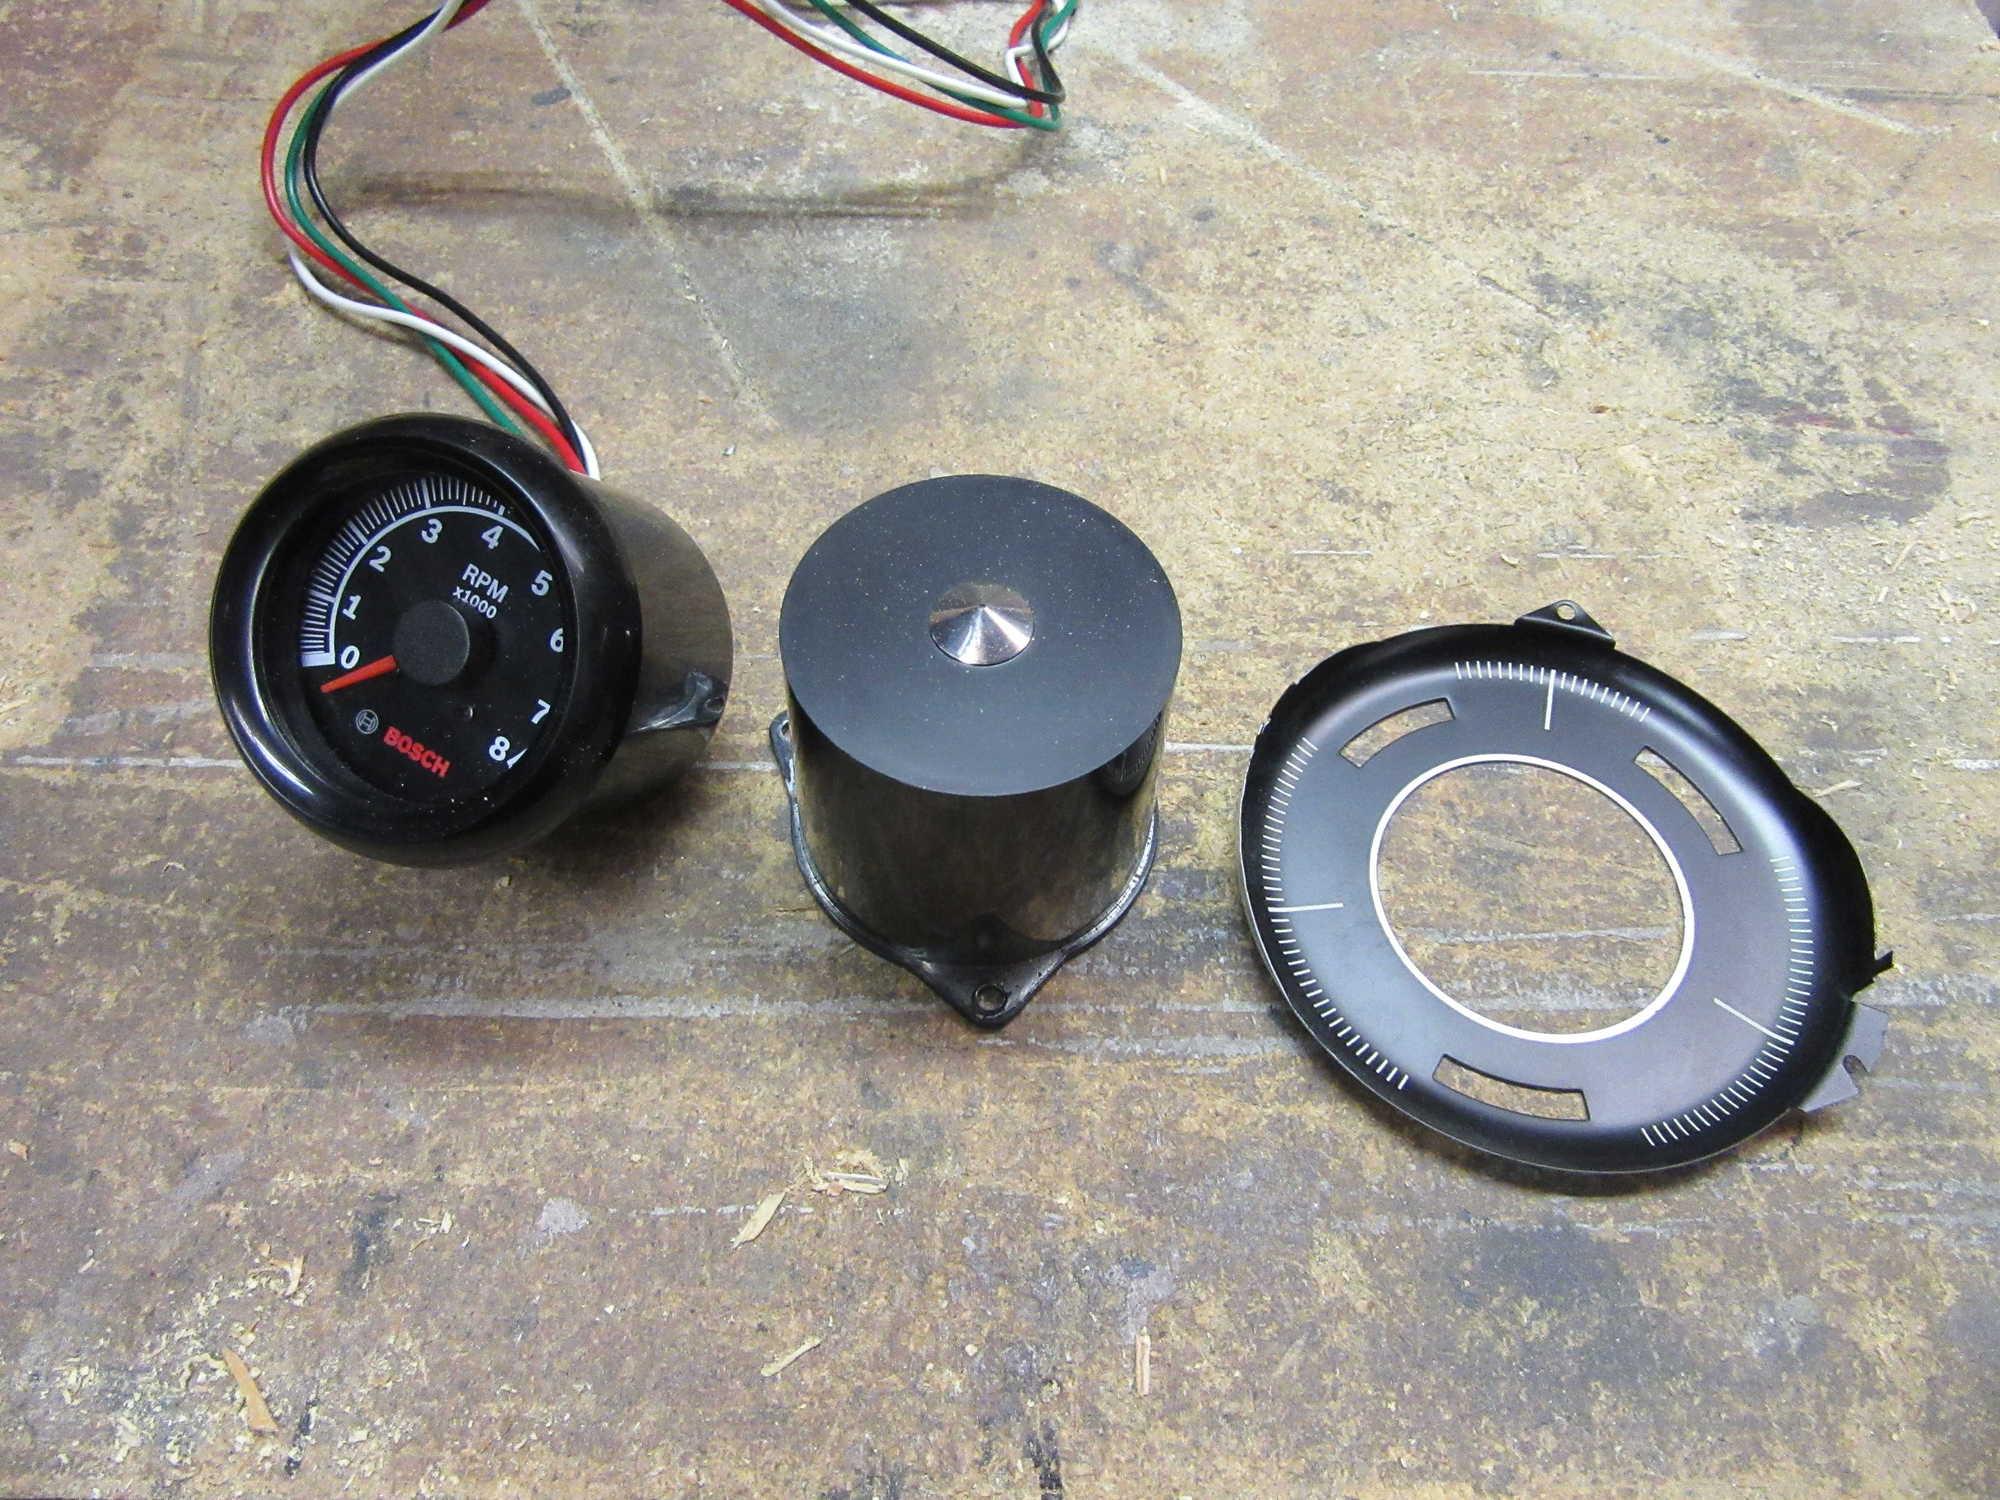 Bosch tach install 67 442 - ClassicOldsmobile.comClassicOldsmobile.com